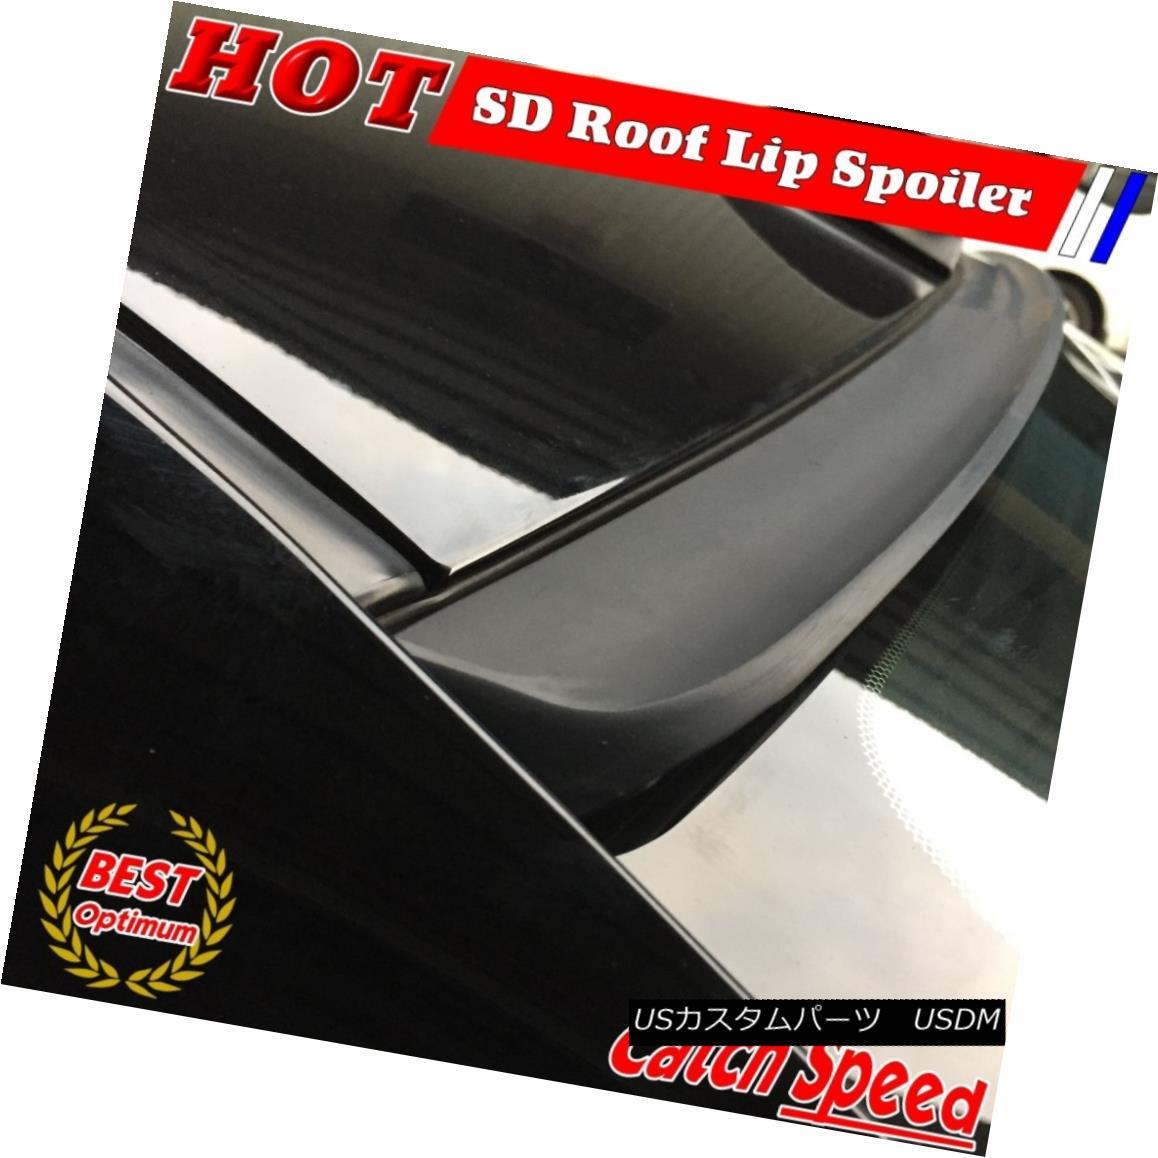 エアロパーツ Flat Black SD Rear Window Roof Spoiler Wing For BMW 2-Series 2014~17 F22 Coupe BMW 2シリーズ2014?17 F22クーペ用フラットブラックSDリアウィンドウルーフスポイラーウイング